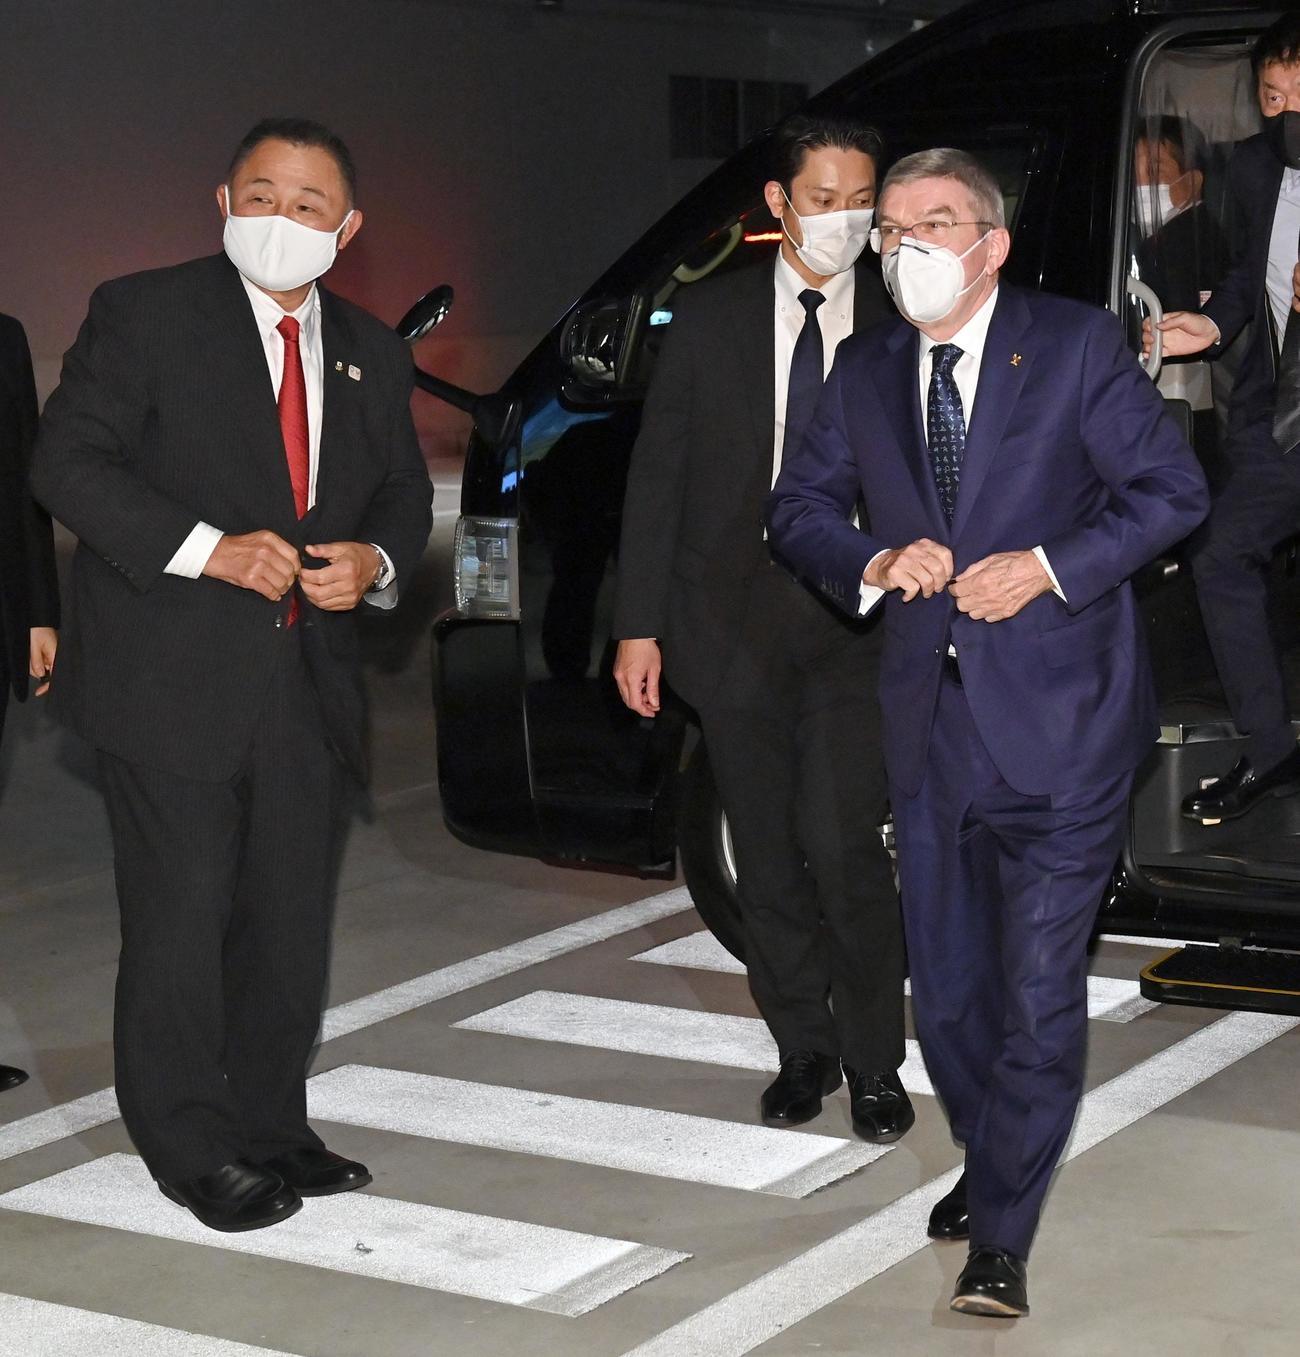 滞在先のホテルに到着したIOCのバッハ会長(右)。左はJOCの山下会長(代表撮影)